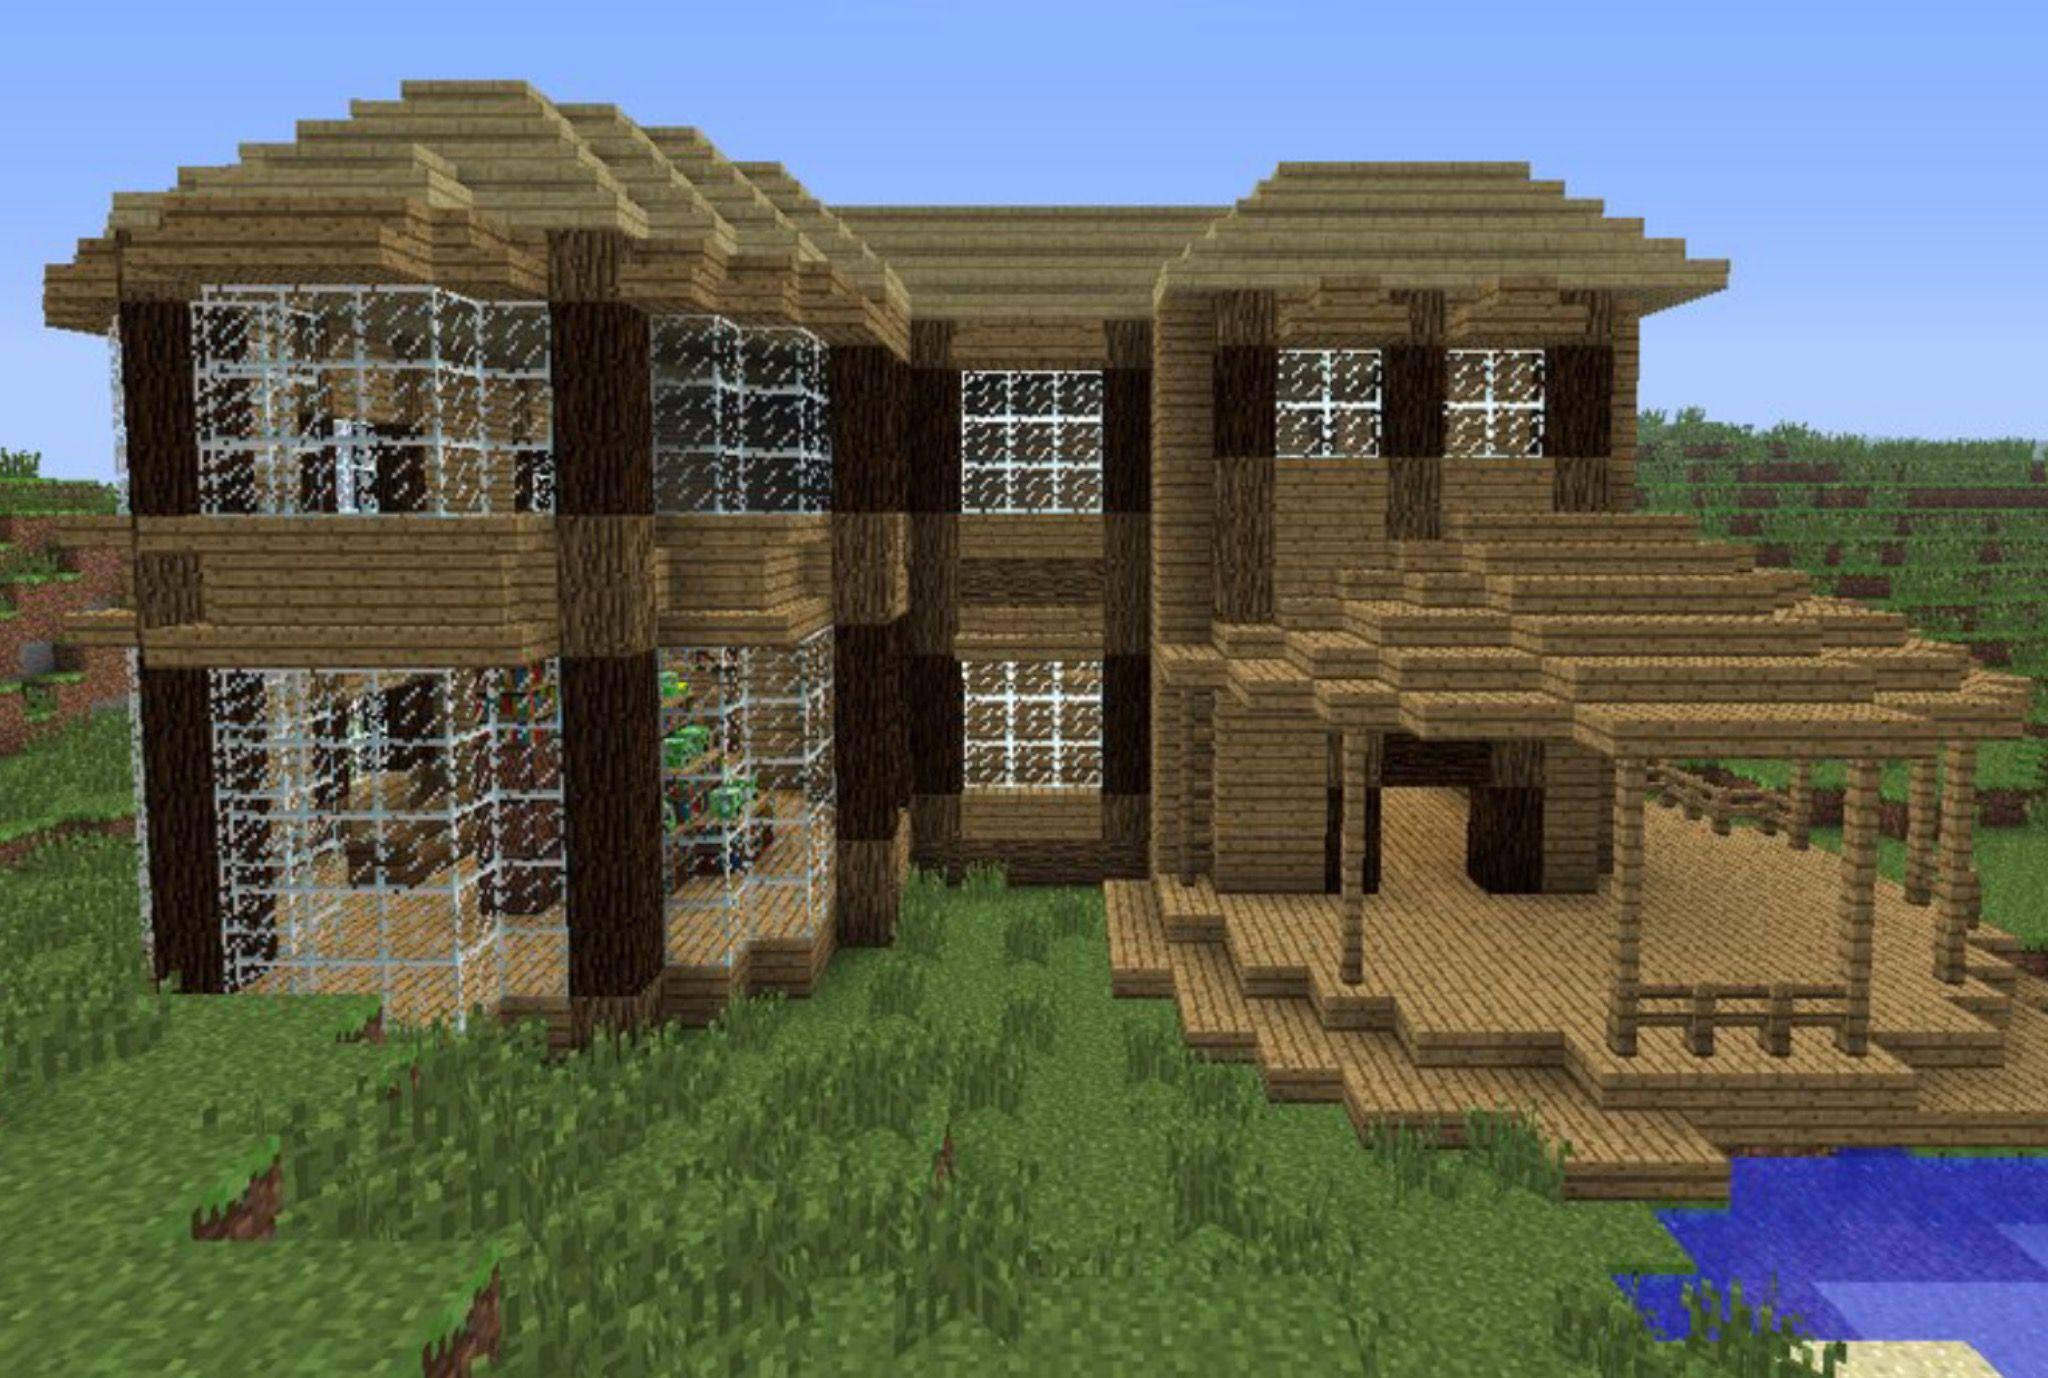 Pin de elbarber37 en Minecraft Casas minecraft